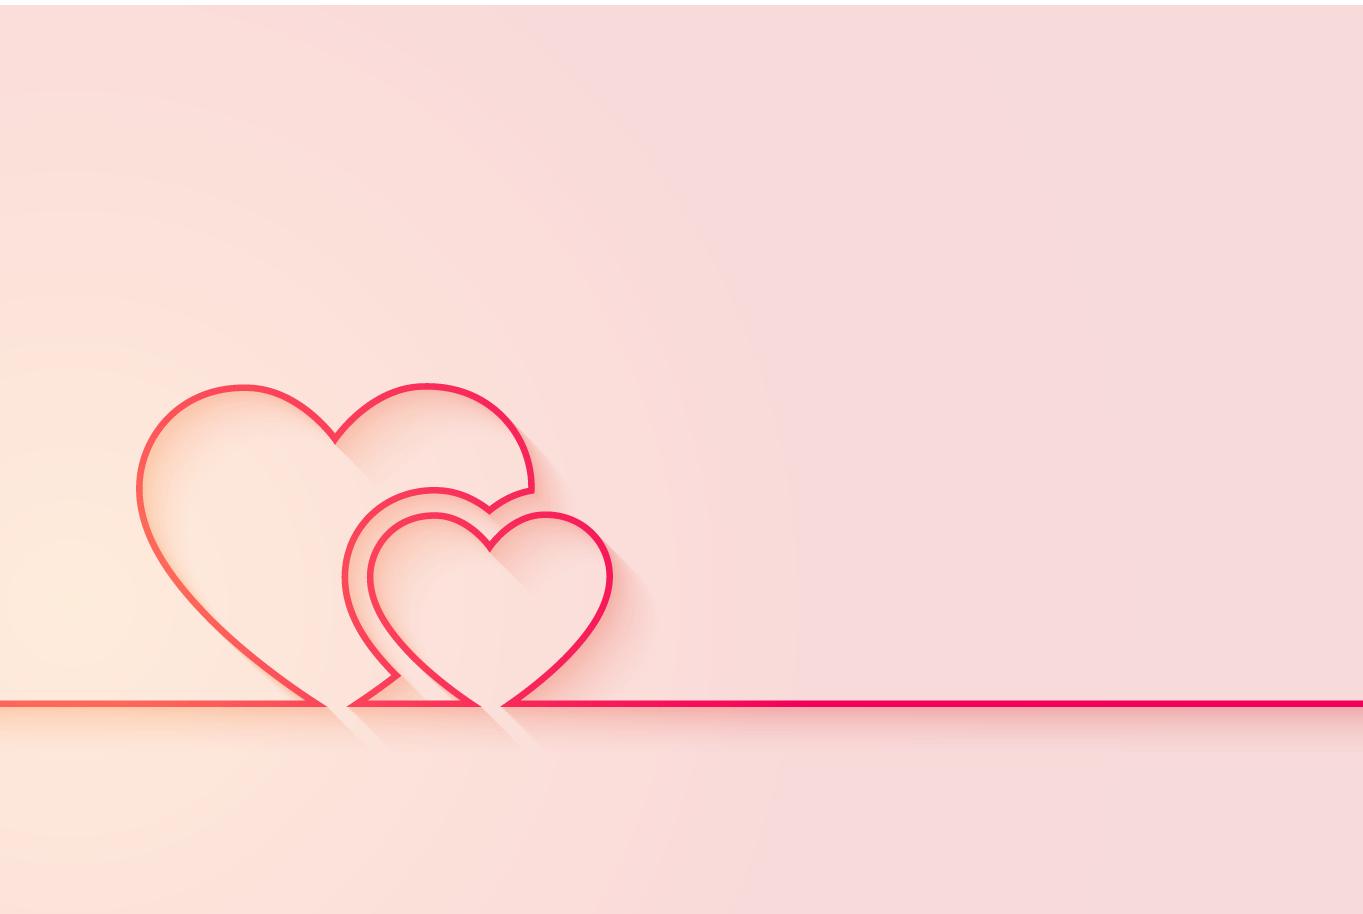 Η Αγάπη Έχει Όρια σε Μία Σχέση;